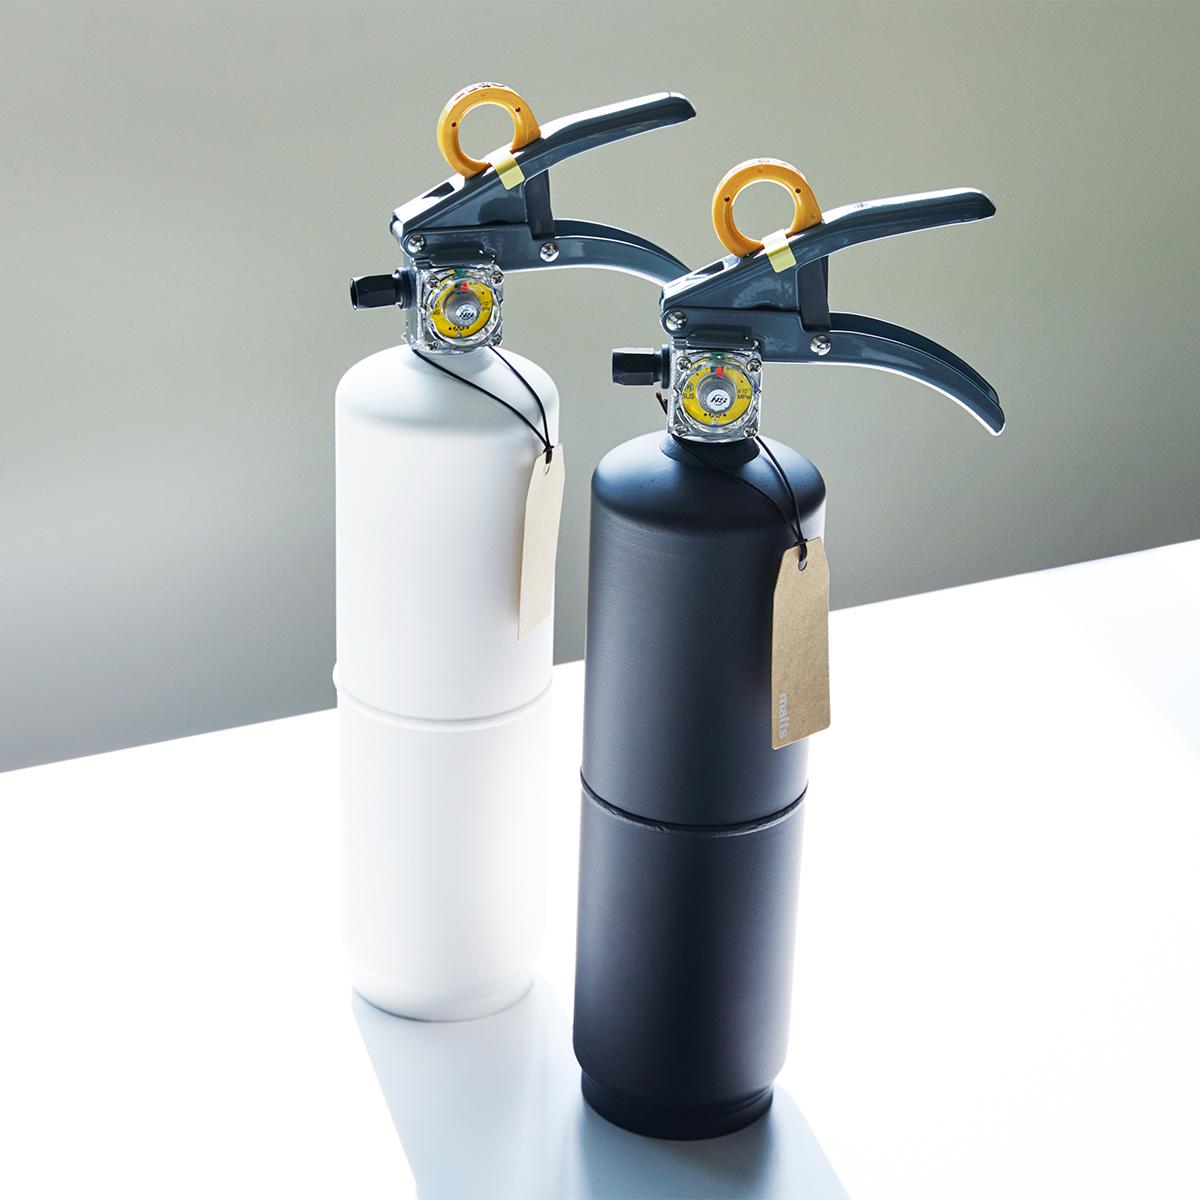 さまざまな住宅火災の消火に対応する頼もしさ。お酢が主成分の消火薬剤だから、後片付けがラク!玄関やリビングにも飾れる「モノトーンの住宅用消火器」|+maffs(マフス)